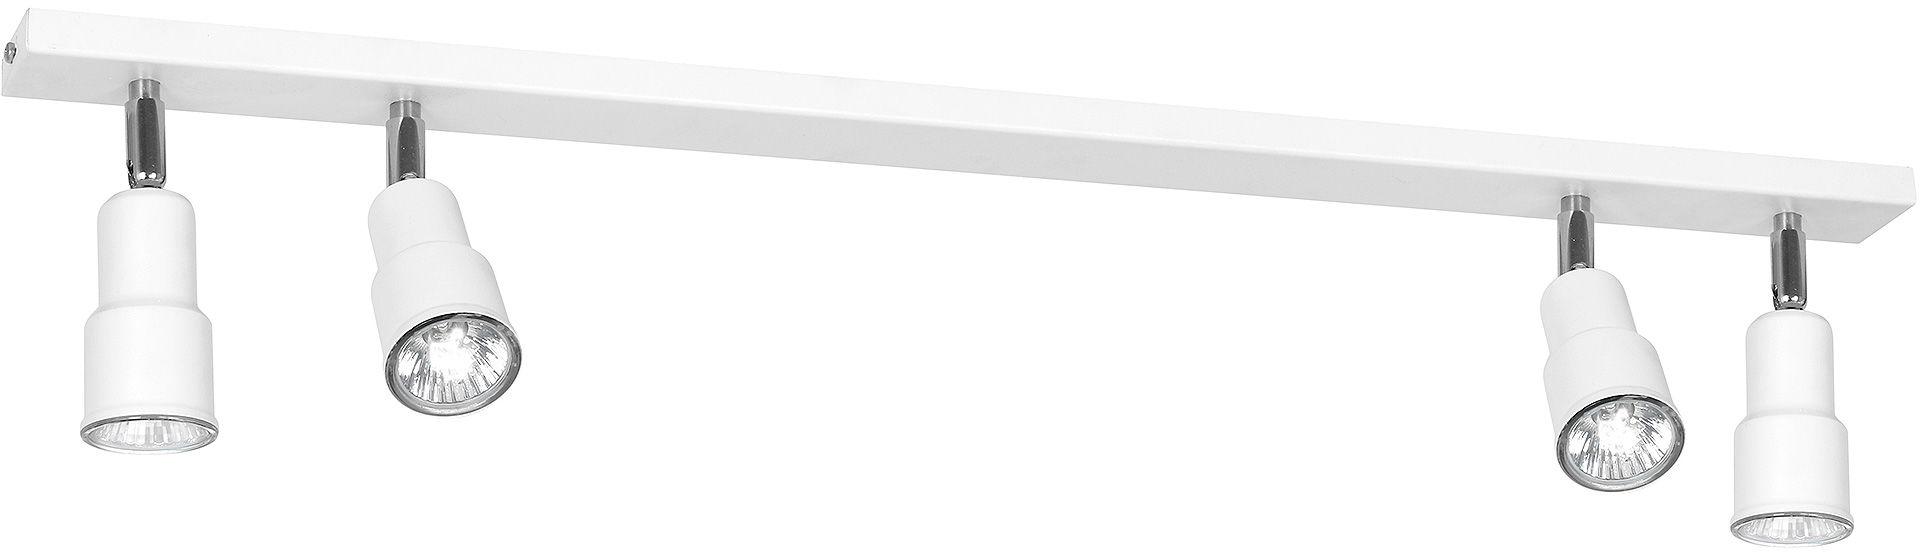 Listwa sufitowa ASPO 985PL/L Aldex nowoczesna biała listwa sufitowa